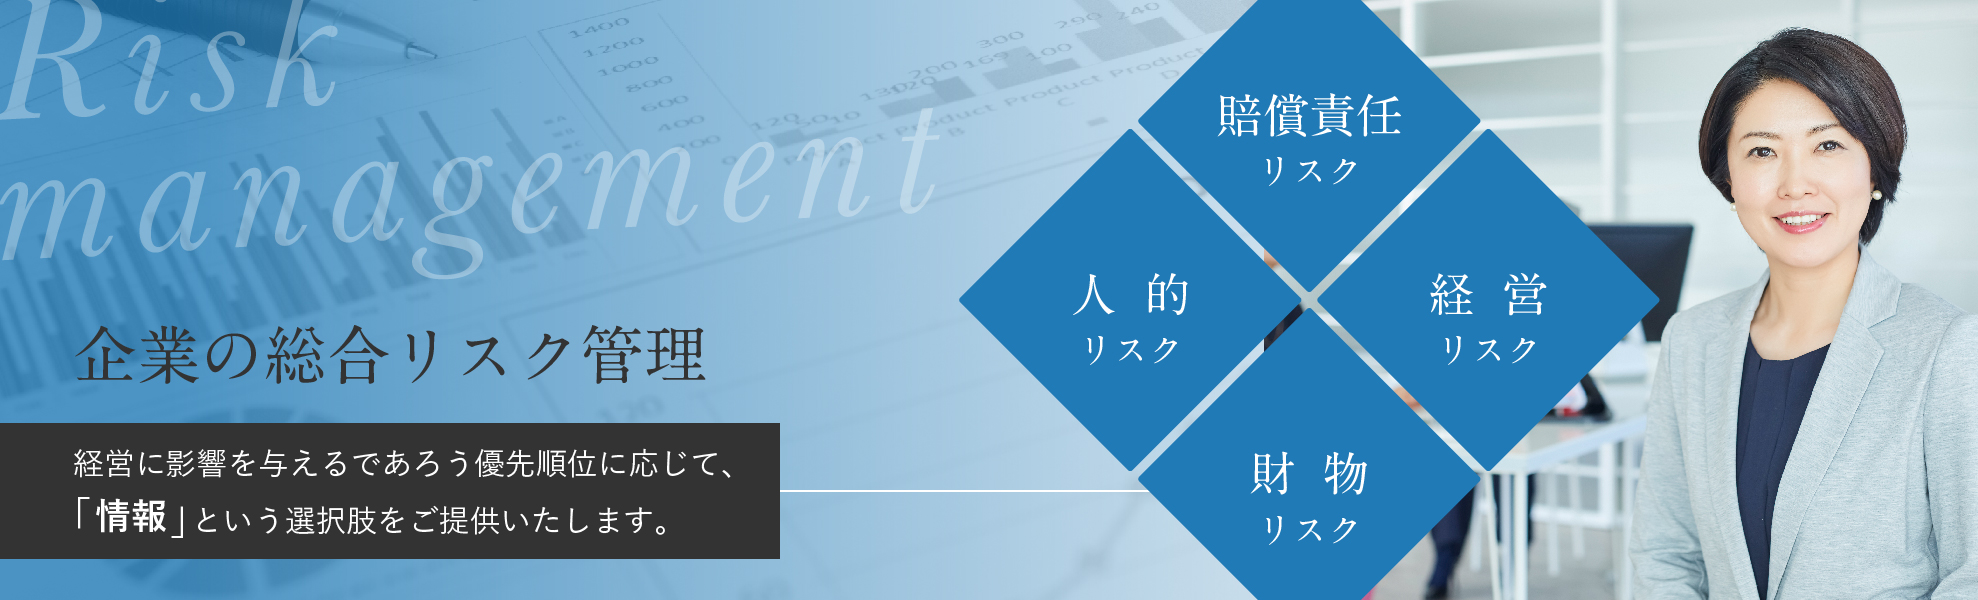 確定拠出年金|情報とせんたく|熊本